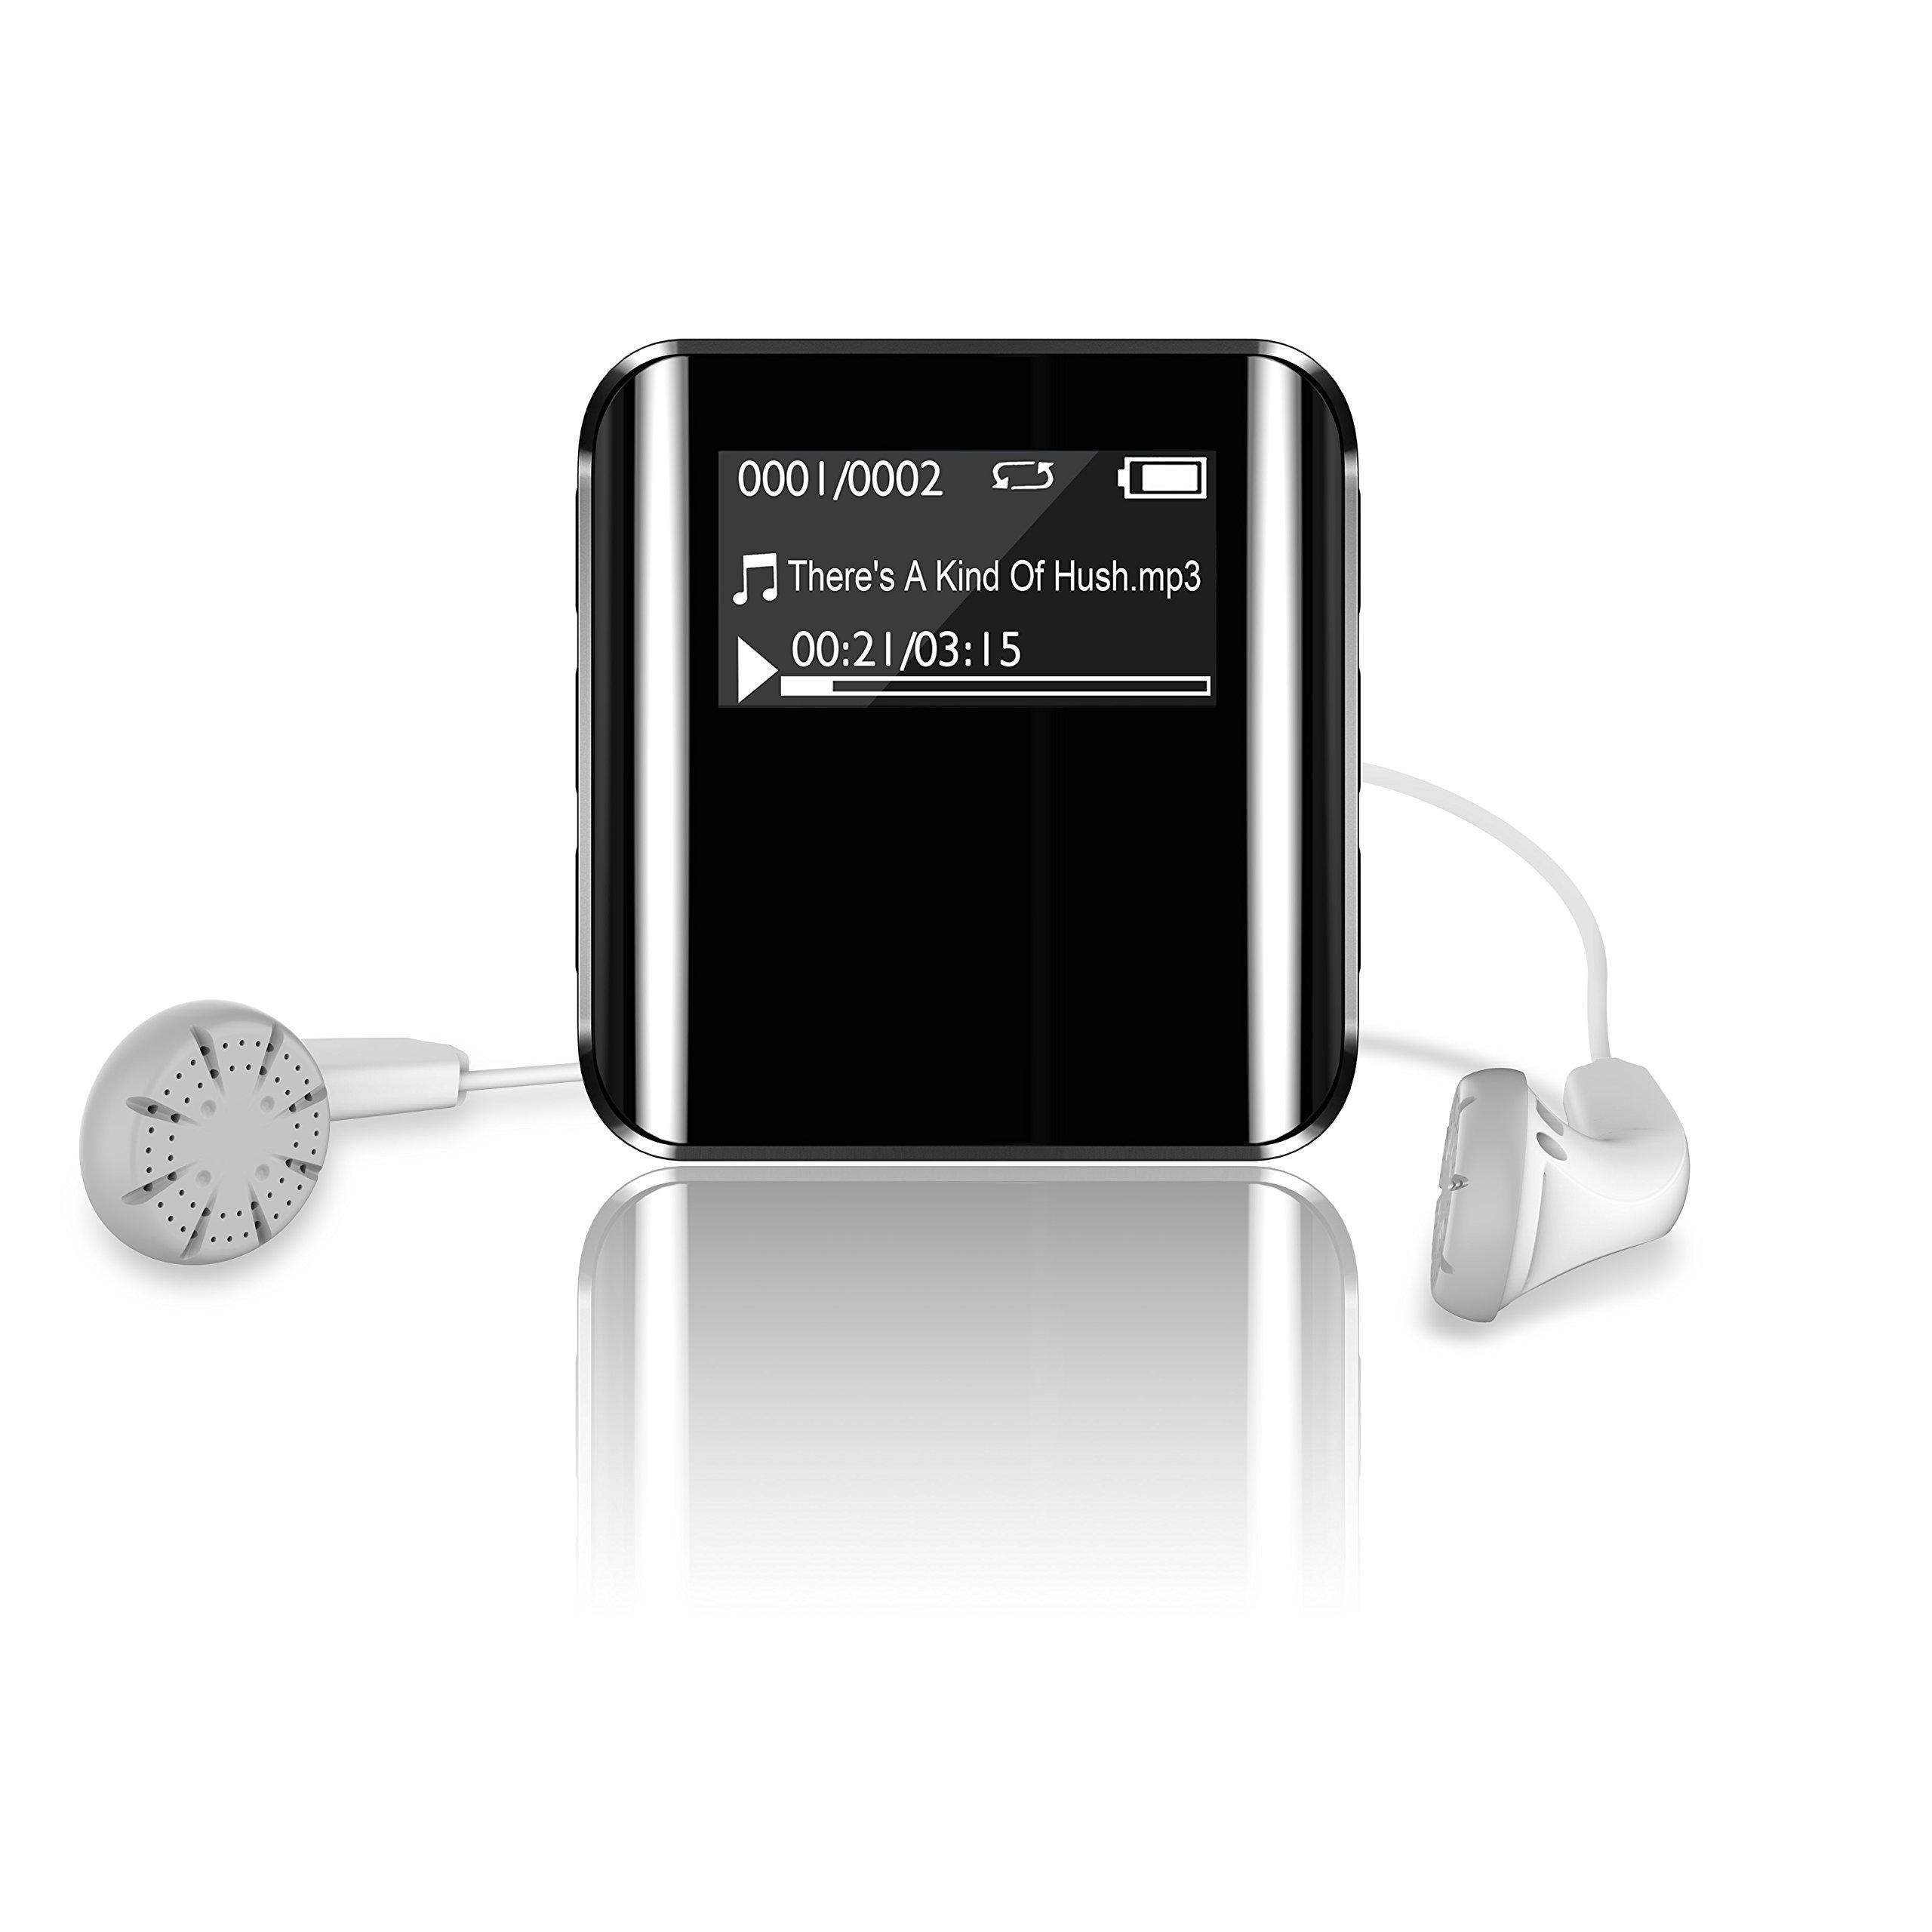 Dansrue Music MP3 Player 8GB Lossless Hi-Fi Sound, Portable Clip Sport Audio Player with Voice Recorder FM Radio and E-Book, Mini size, Black